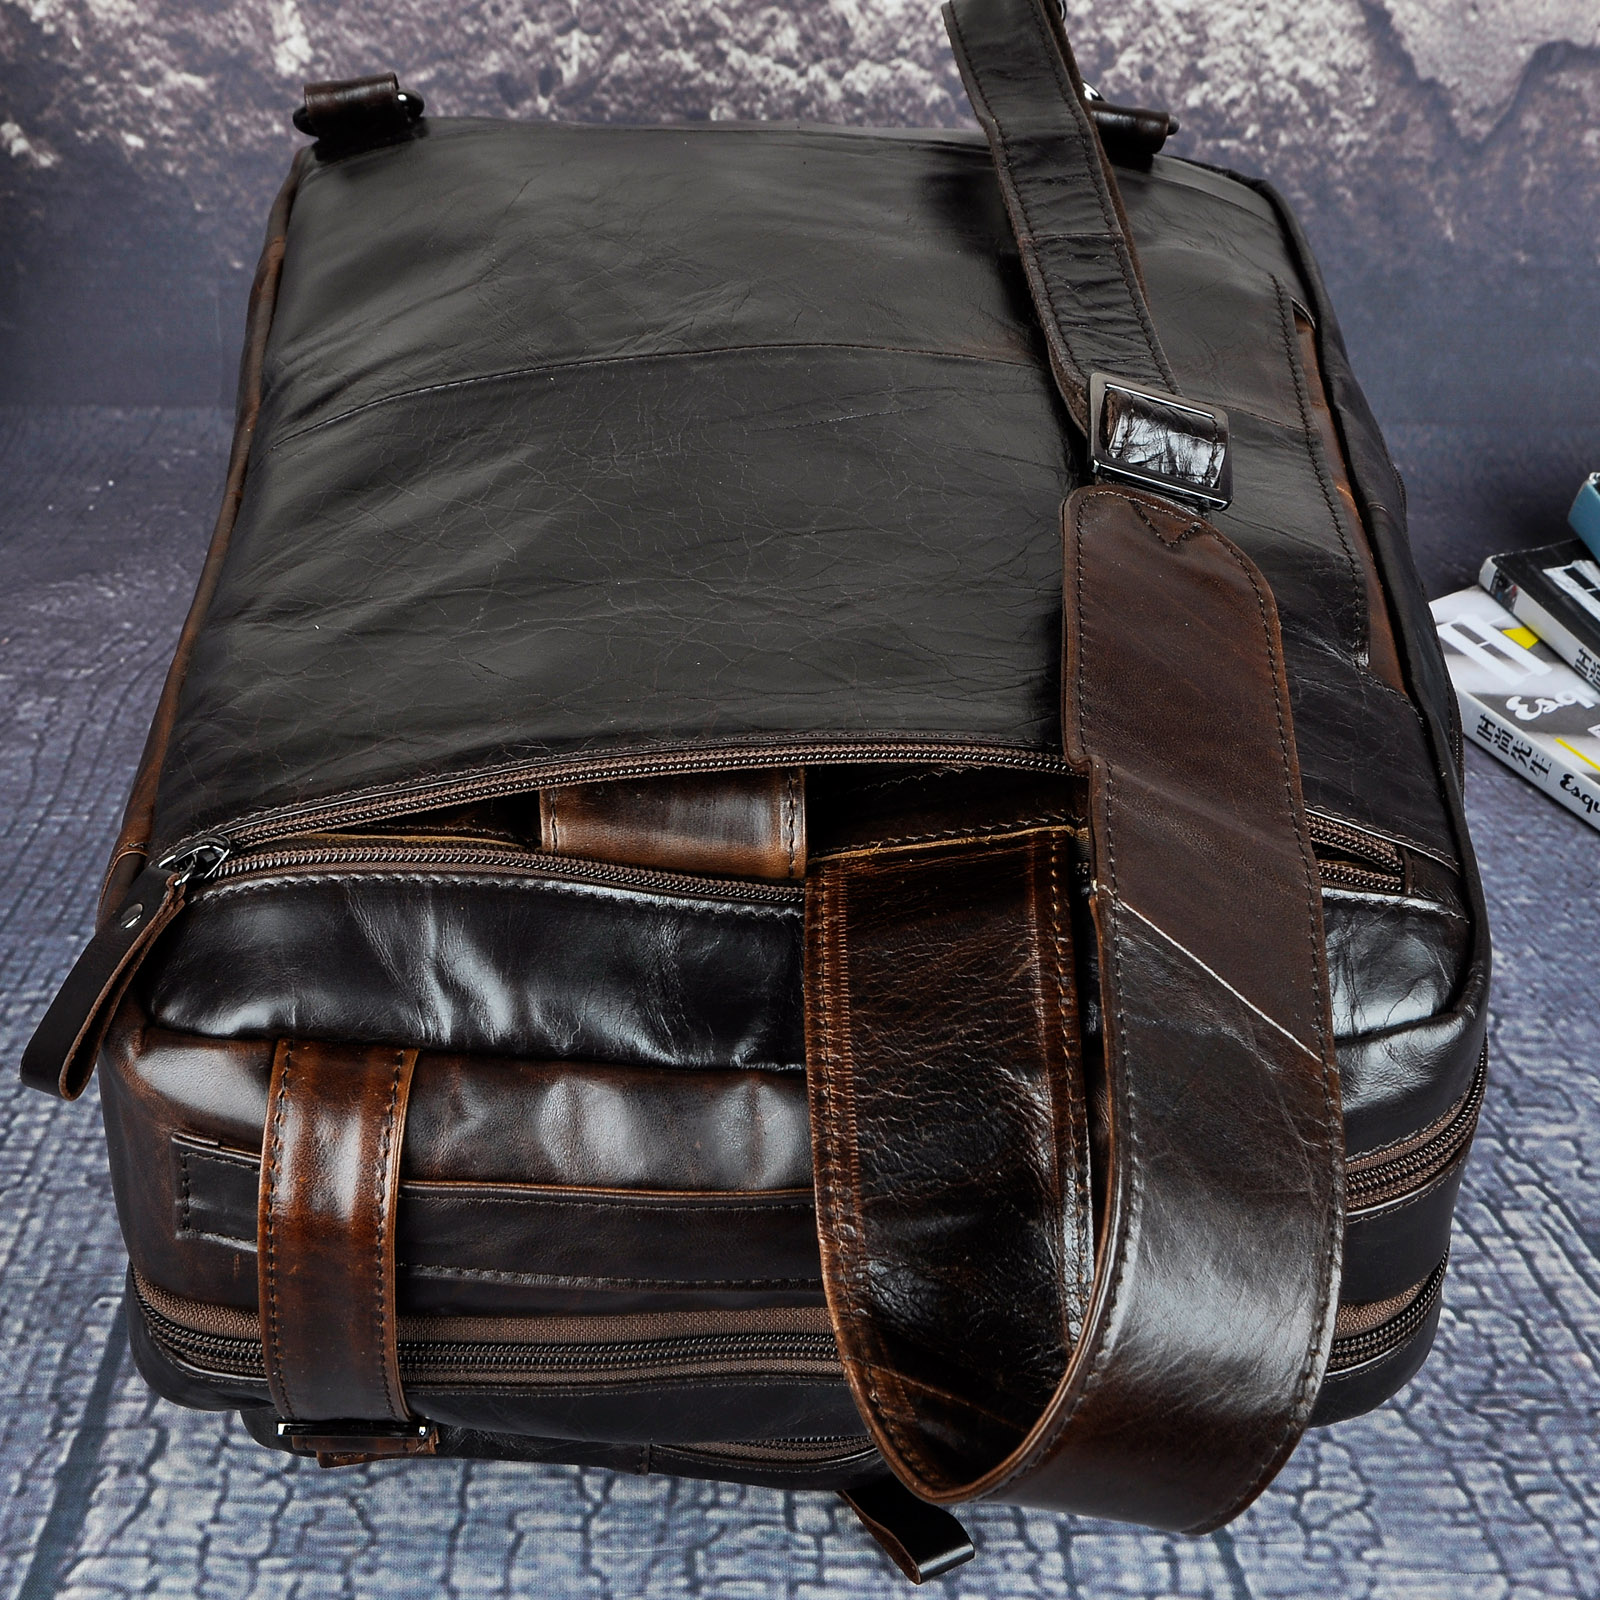 Véritable en cuir véritable mode mallette d'affaires Messenger sac mâle Design voyage ordinateur portable porte-documents fourre-tout portefeuille sac k1013c - 5